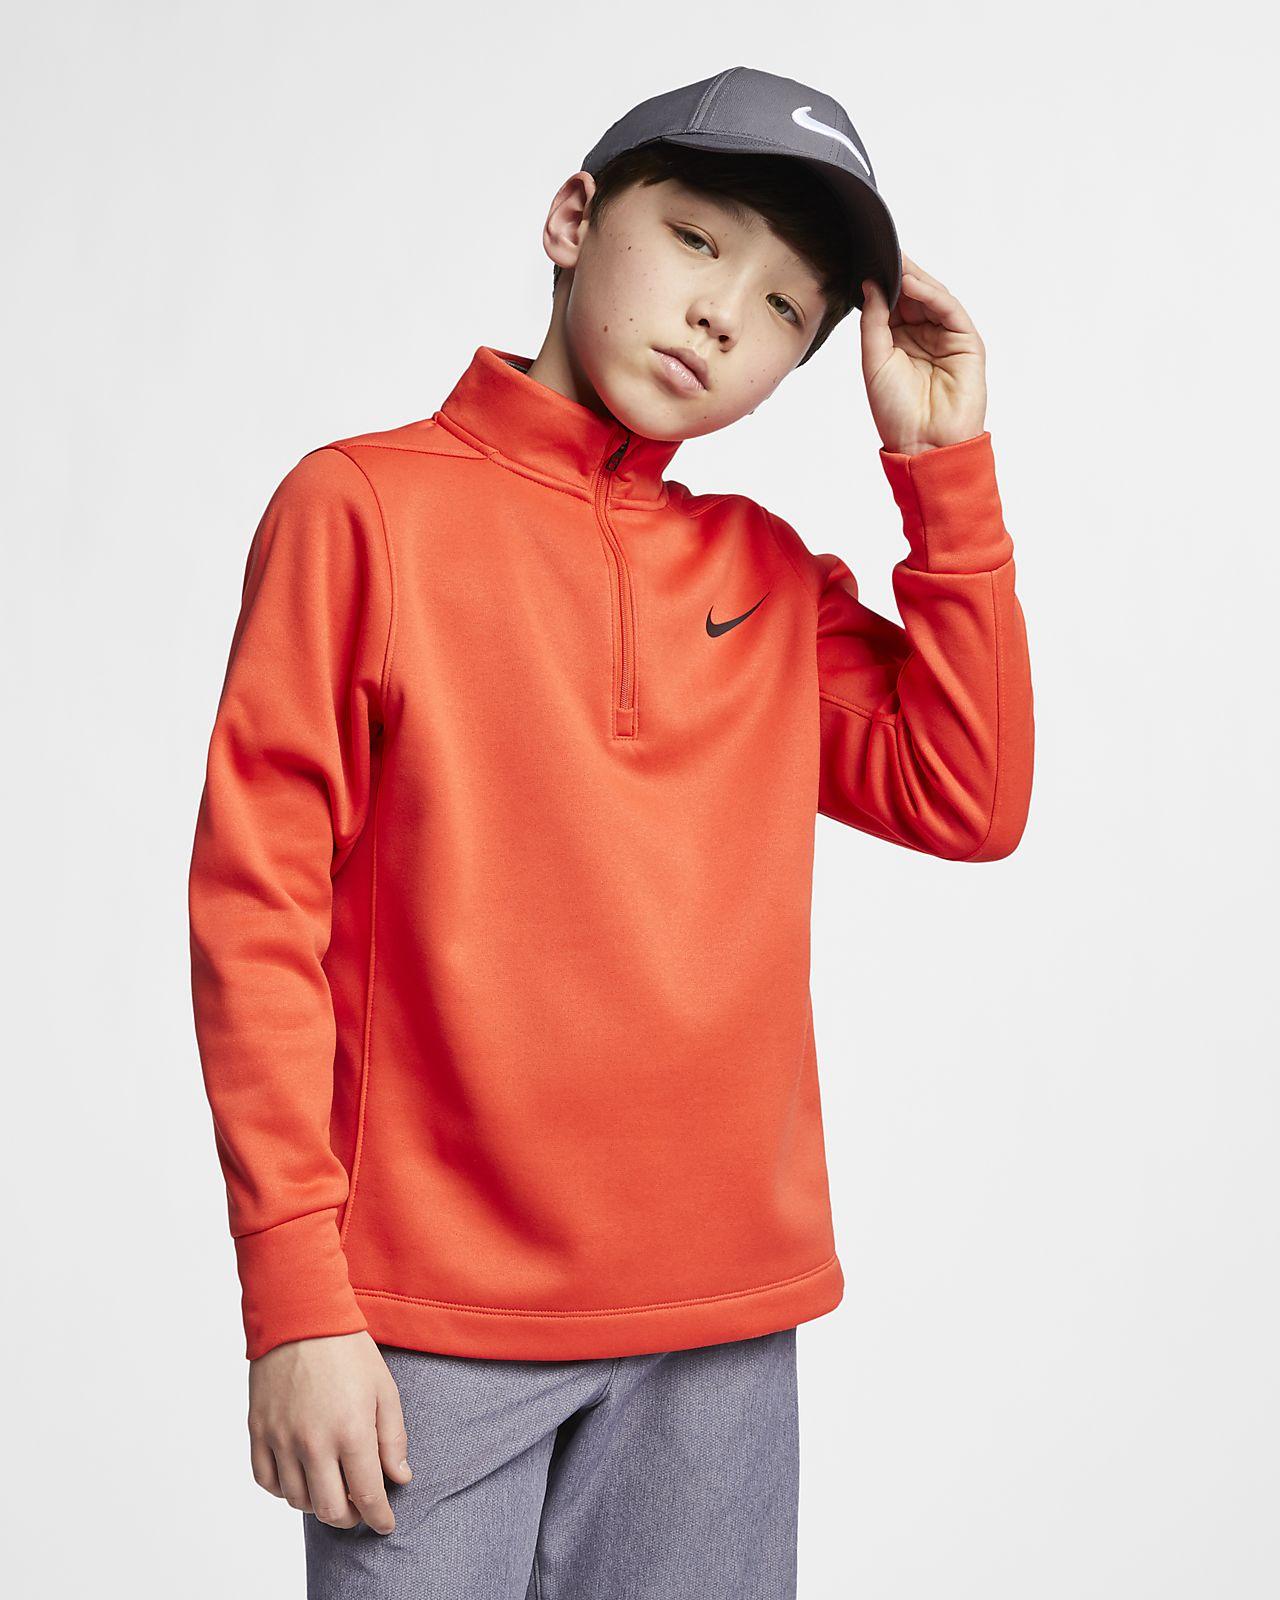 Nike Dri-FIT Therma Golfoberteil mit Halbreißverschluss für ältere Kinder (Jungen)